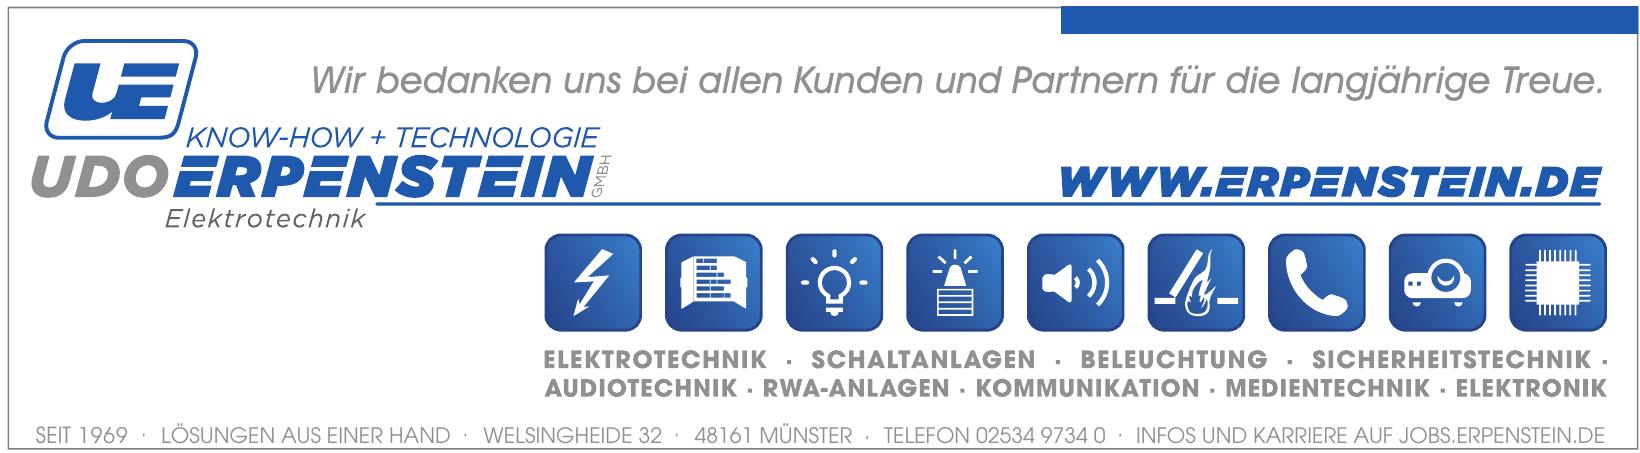 UDO Erpenstein GmbH